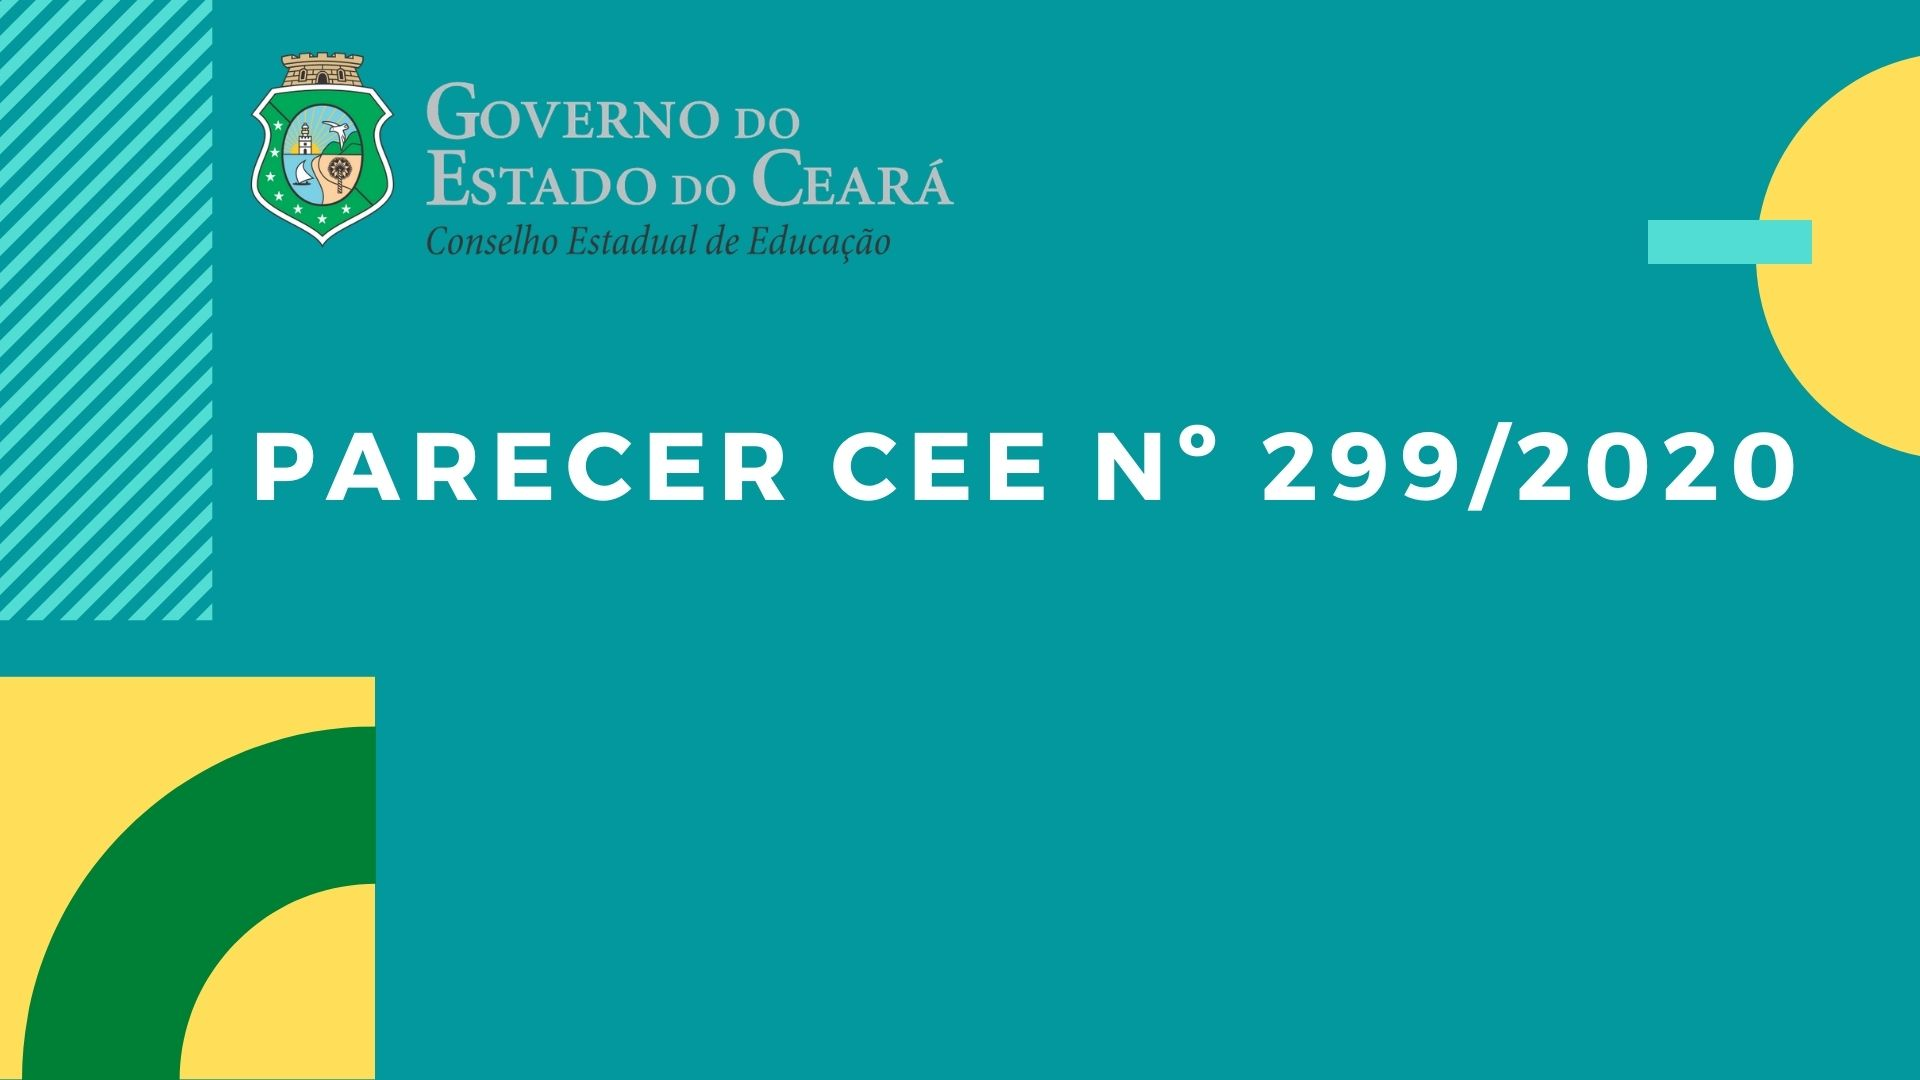 Parecer CEE Nº 299/2020